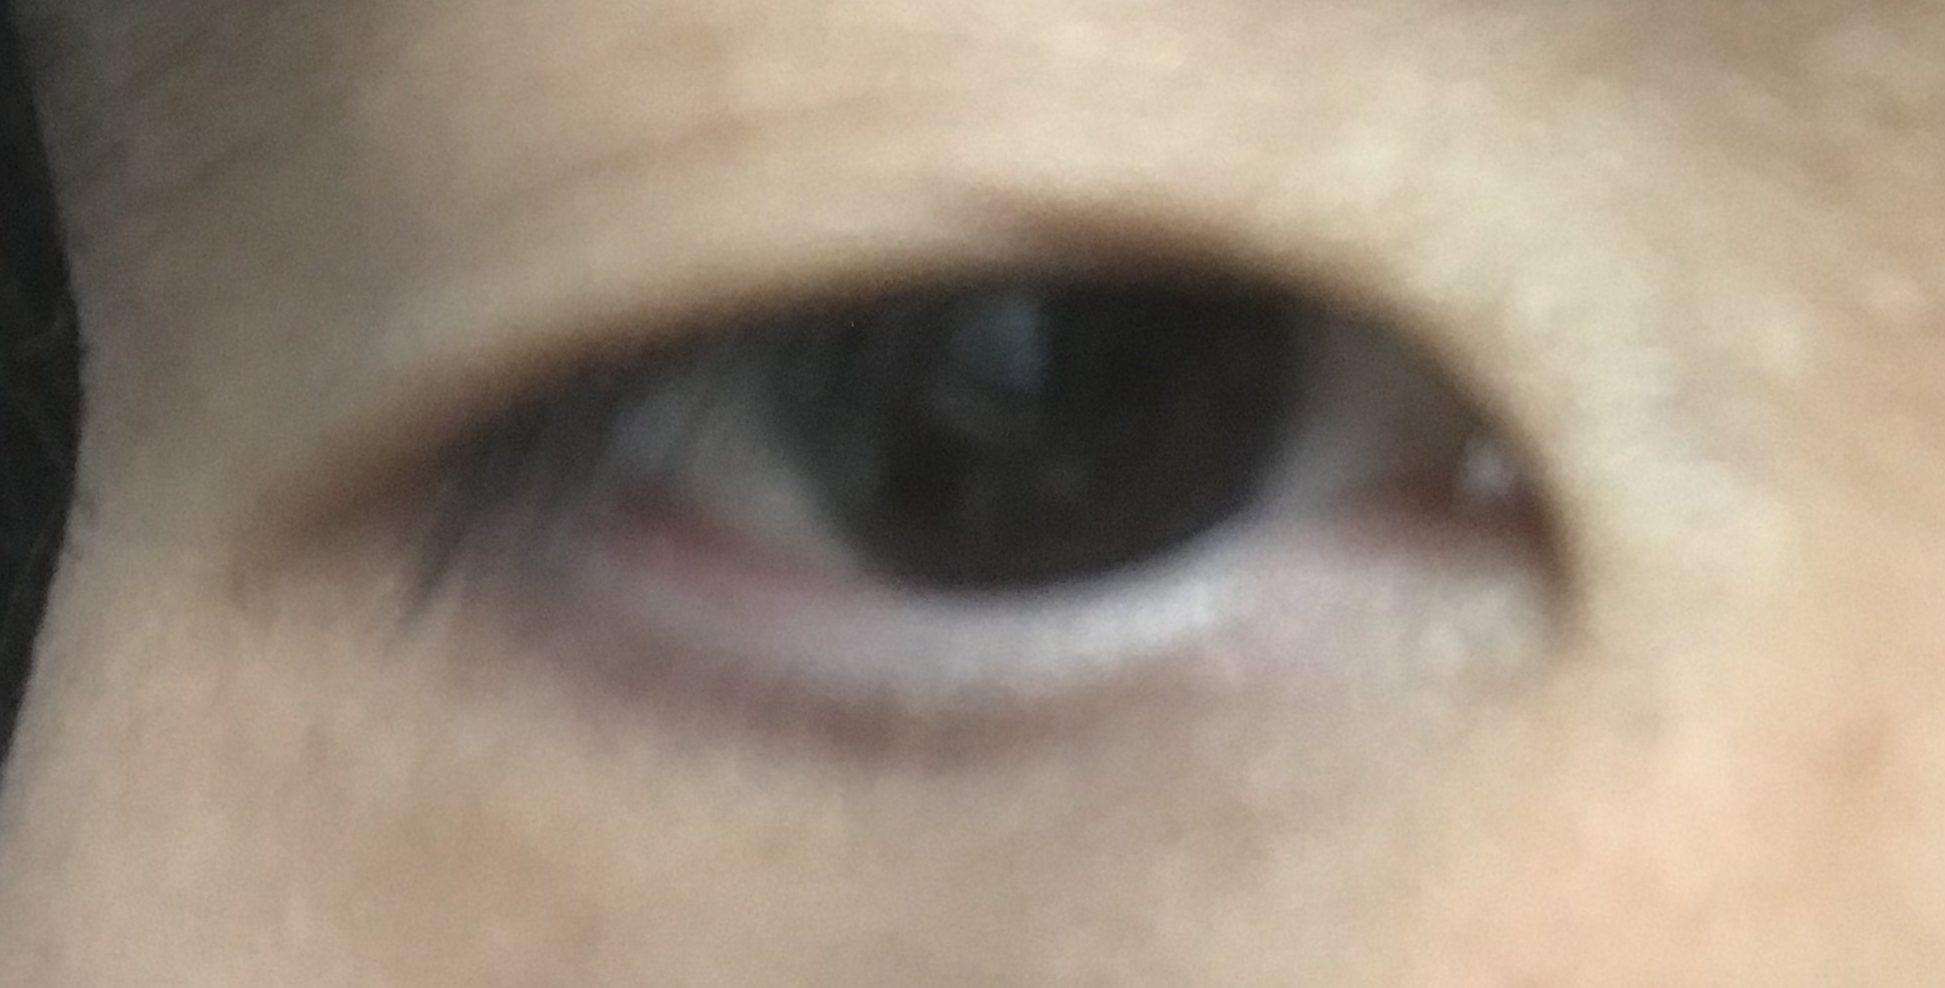 円錐角膜 コンタクトレンズ